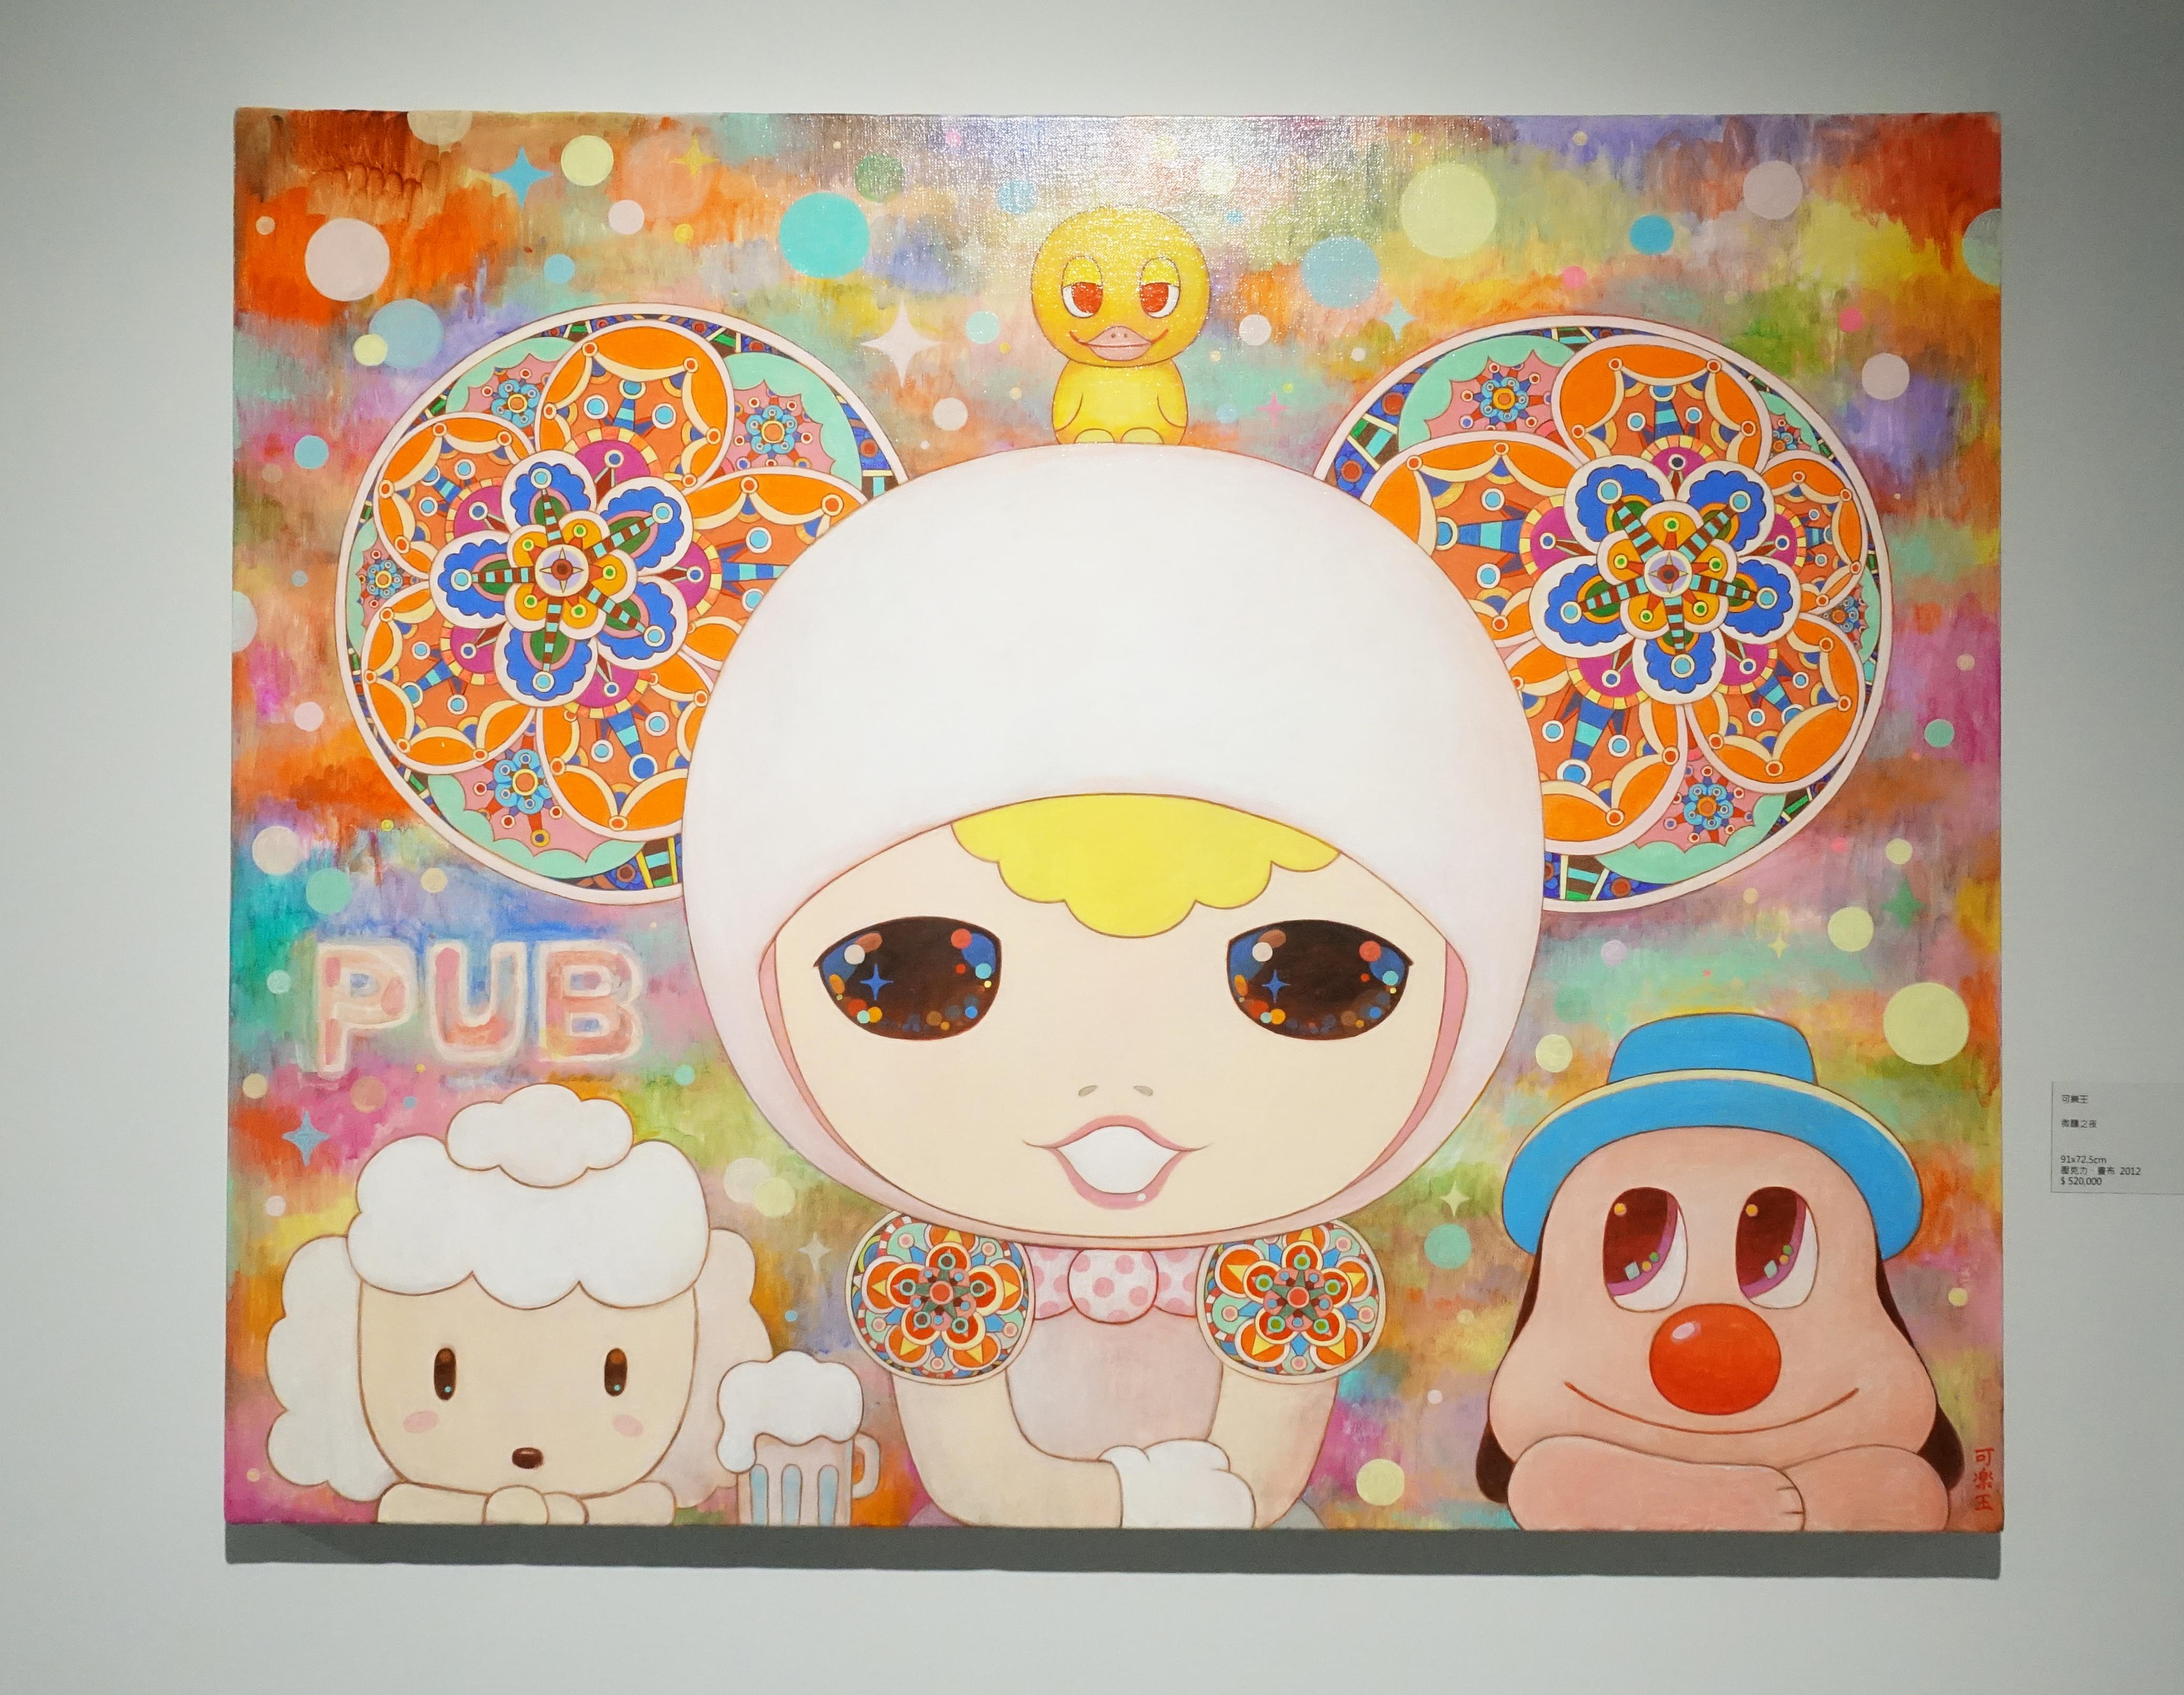 可樂王,《微醺之夜》,91 x 72.5 cm,壓克力、畫布,2012。